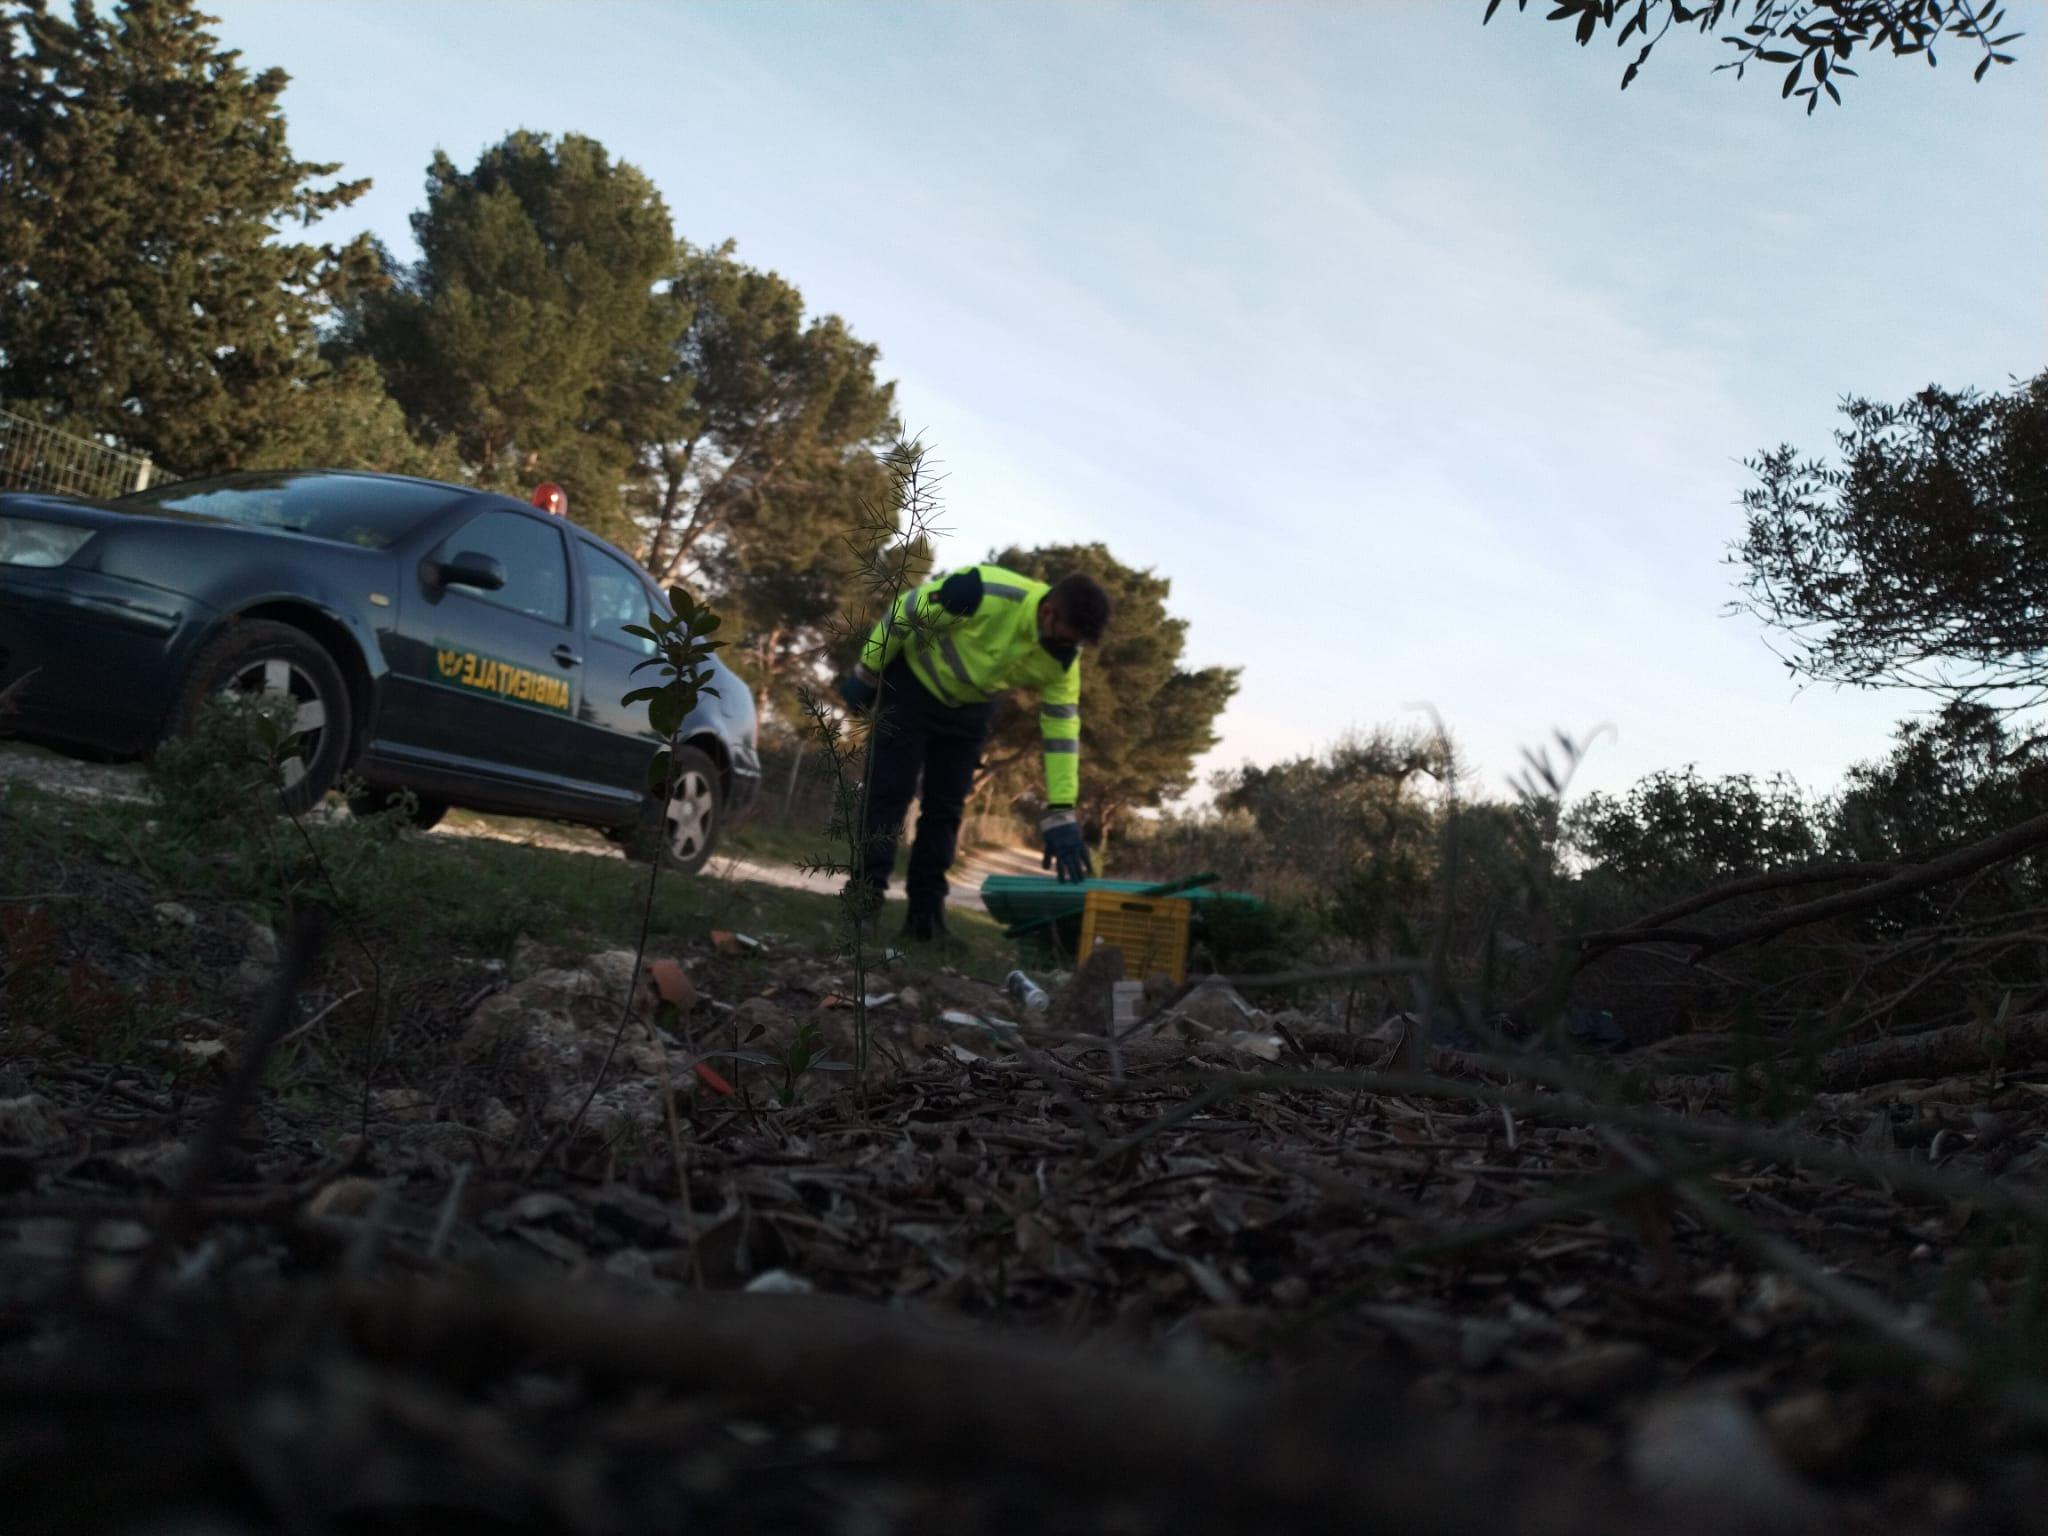 Proseguono senza sosta, su tutto il territorio di Palagianello, i controlli in termini di contrasto all'abbandono incontrollato dei rifiuti